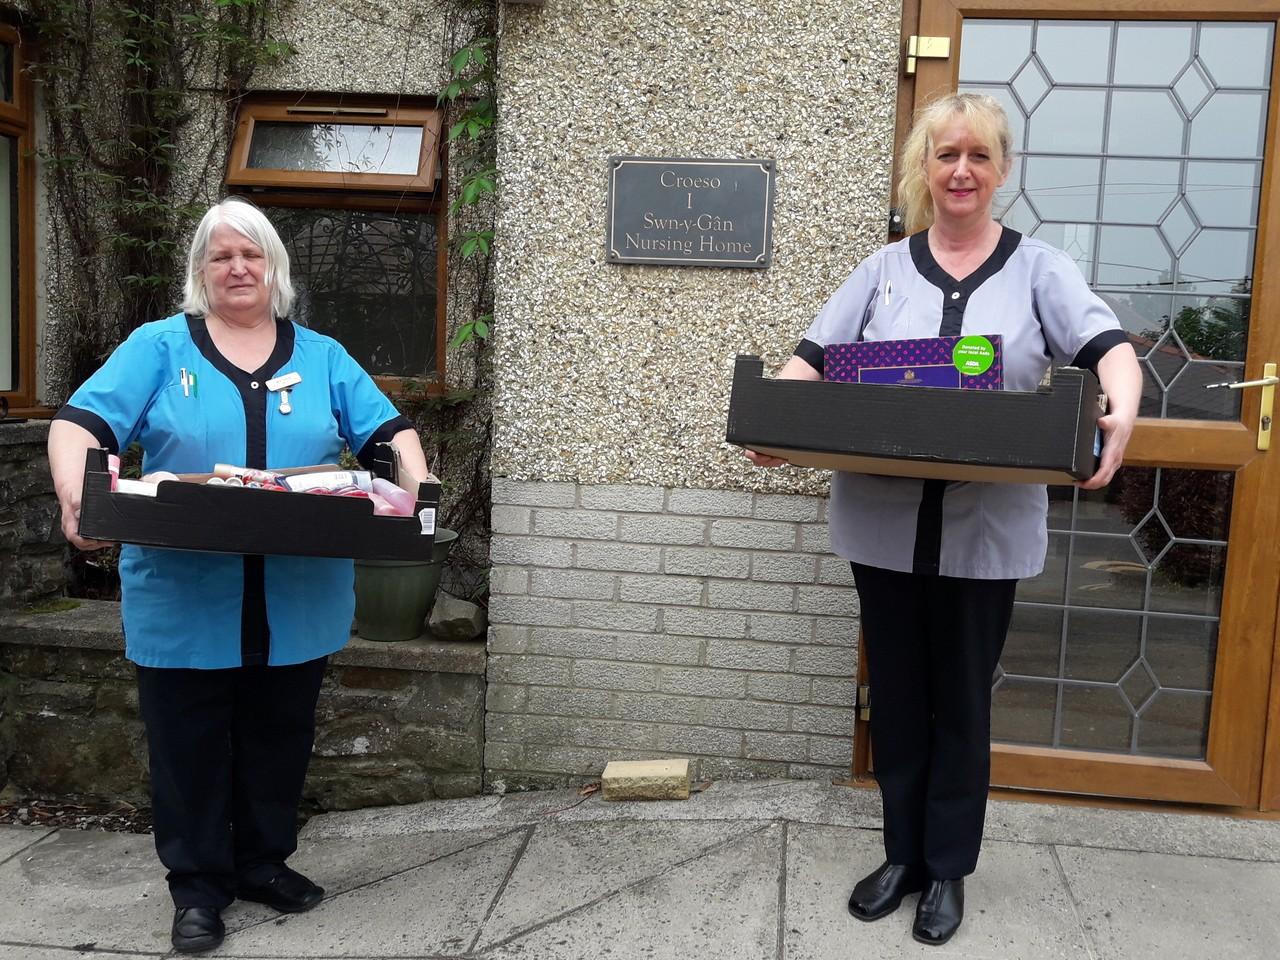 Supporting local care home | Asda Gorseinon